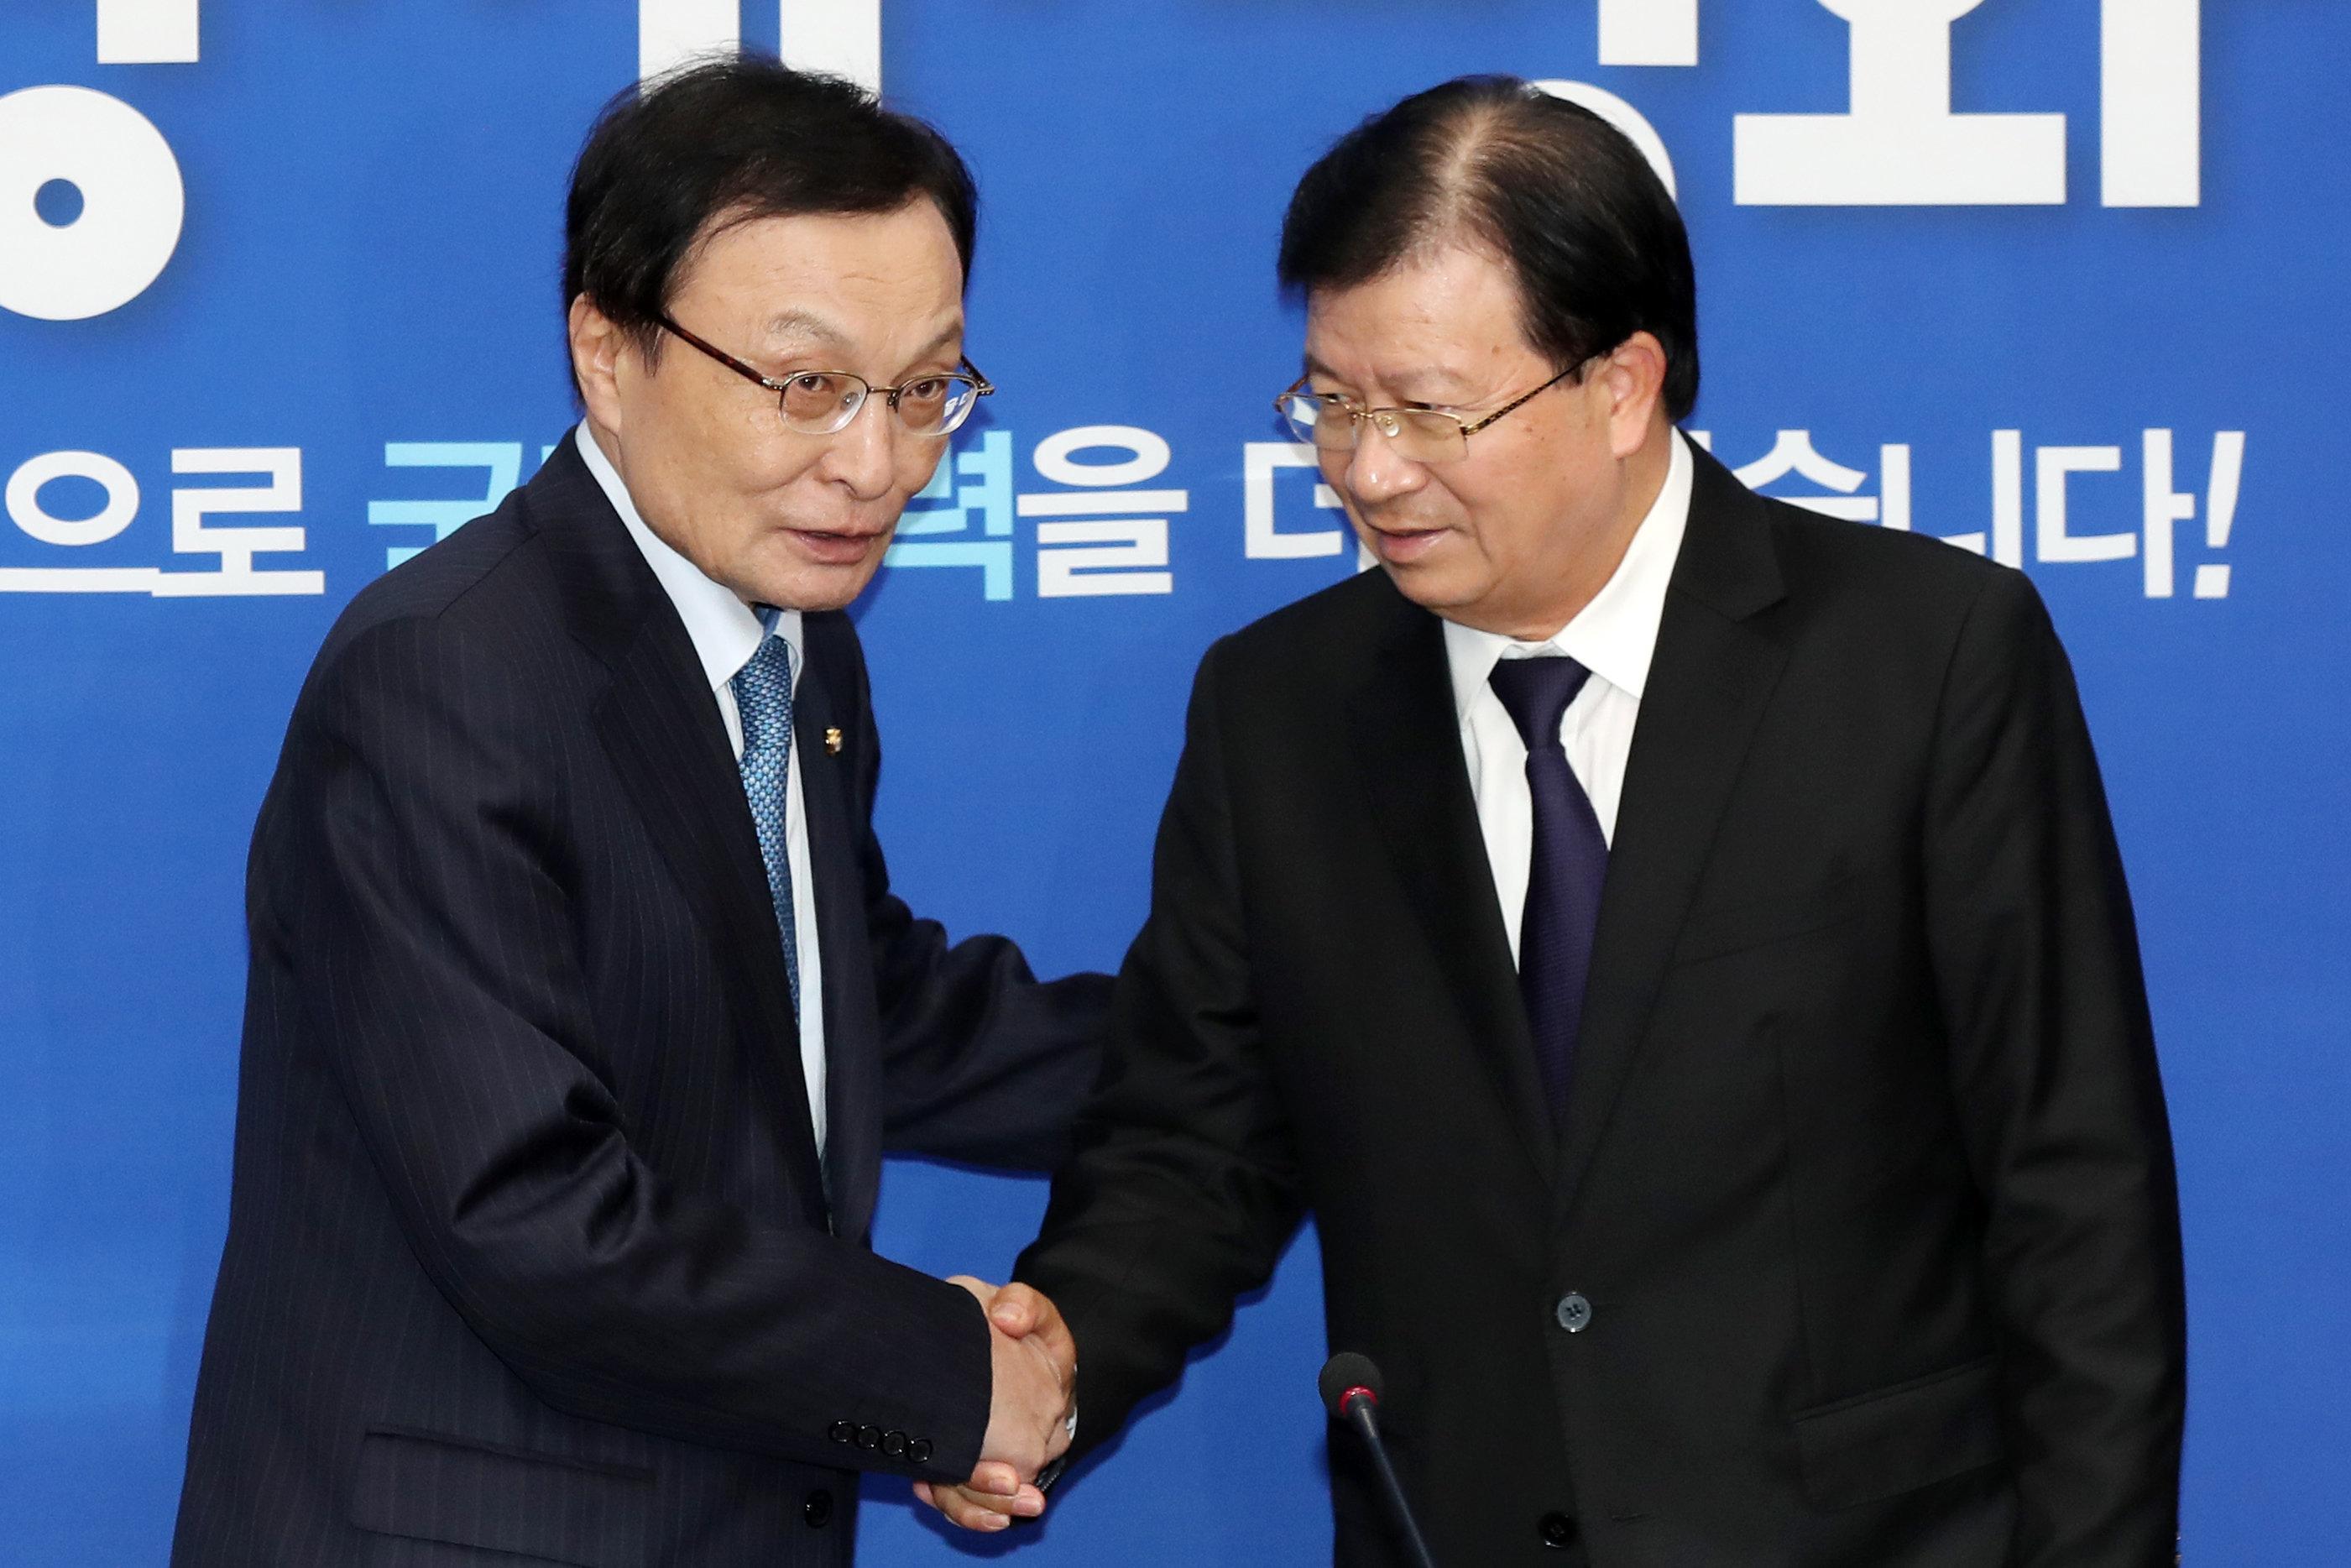 이해찬 더불어민주당 대표와 친딘중 베트남 경제부총리가 3일 서울 여의도 국회에서 만나 악수를 나누고 있다.